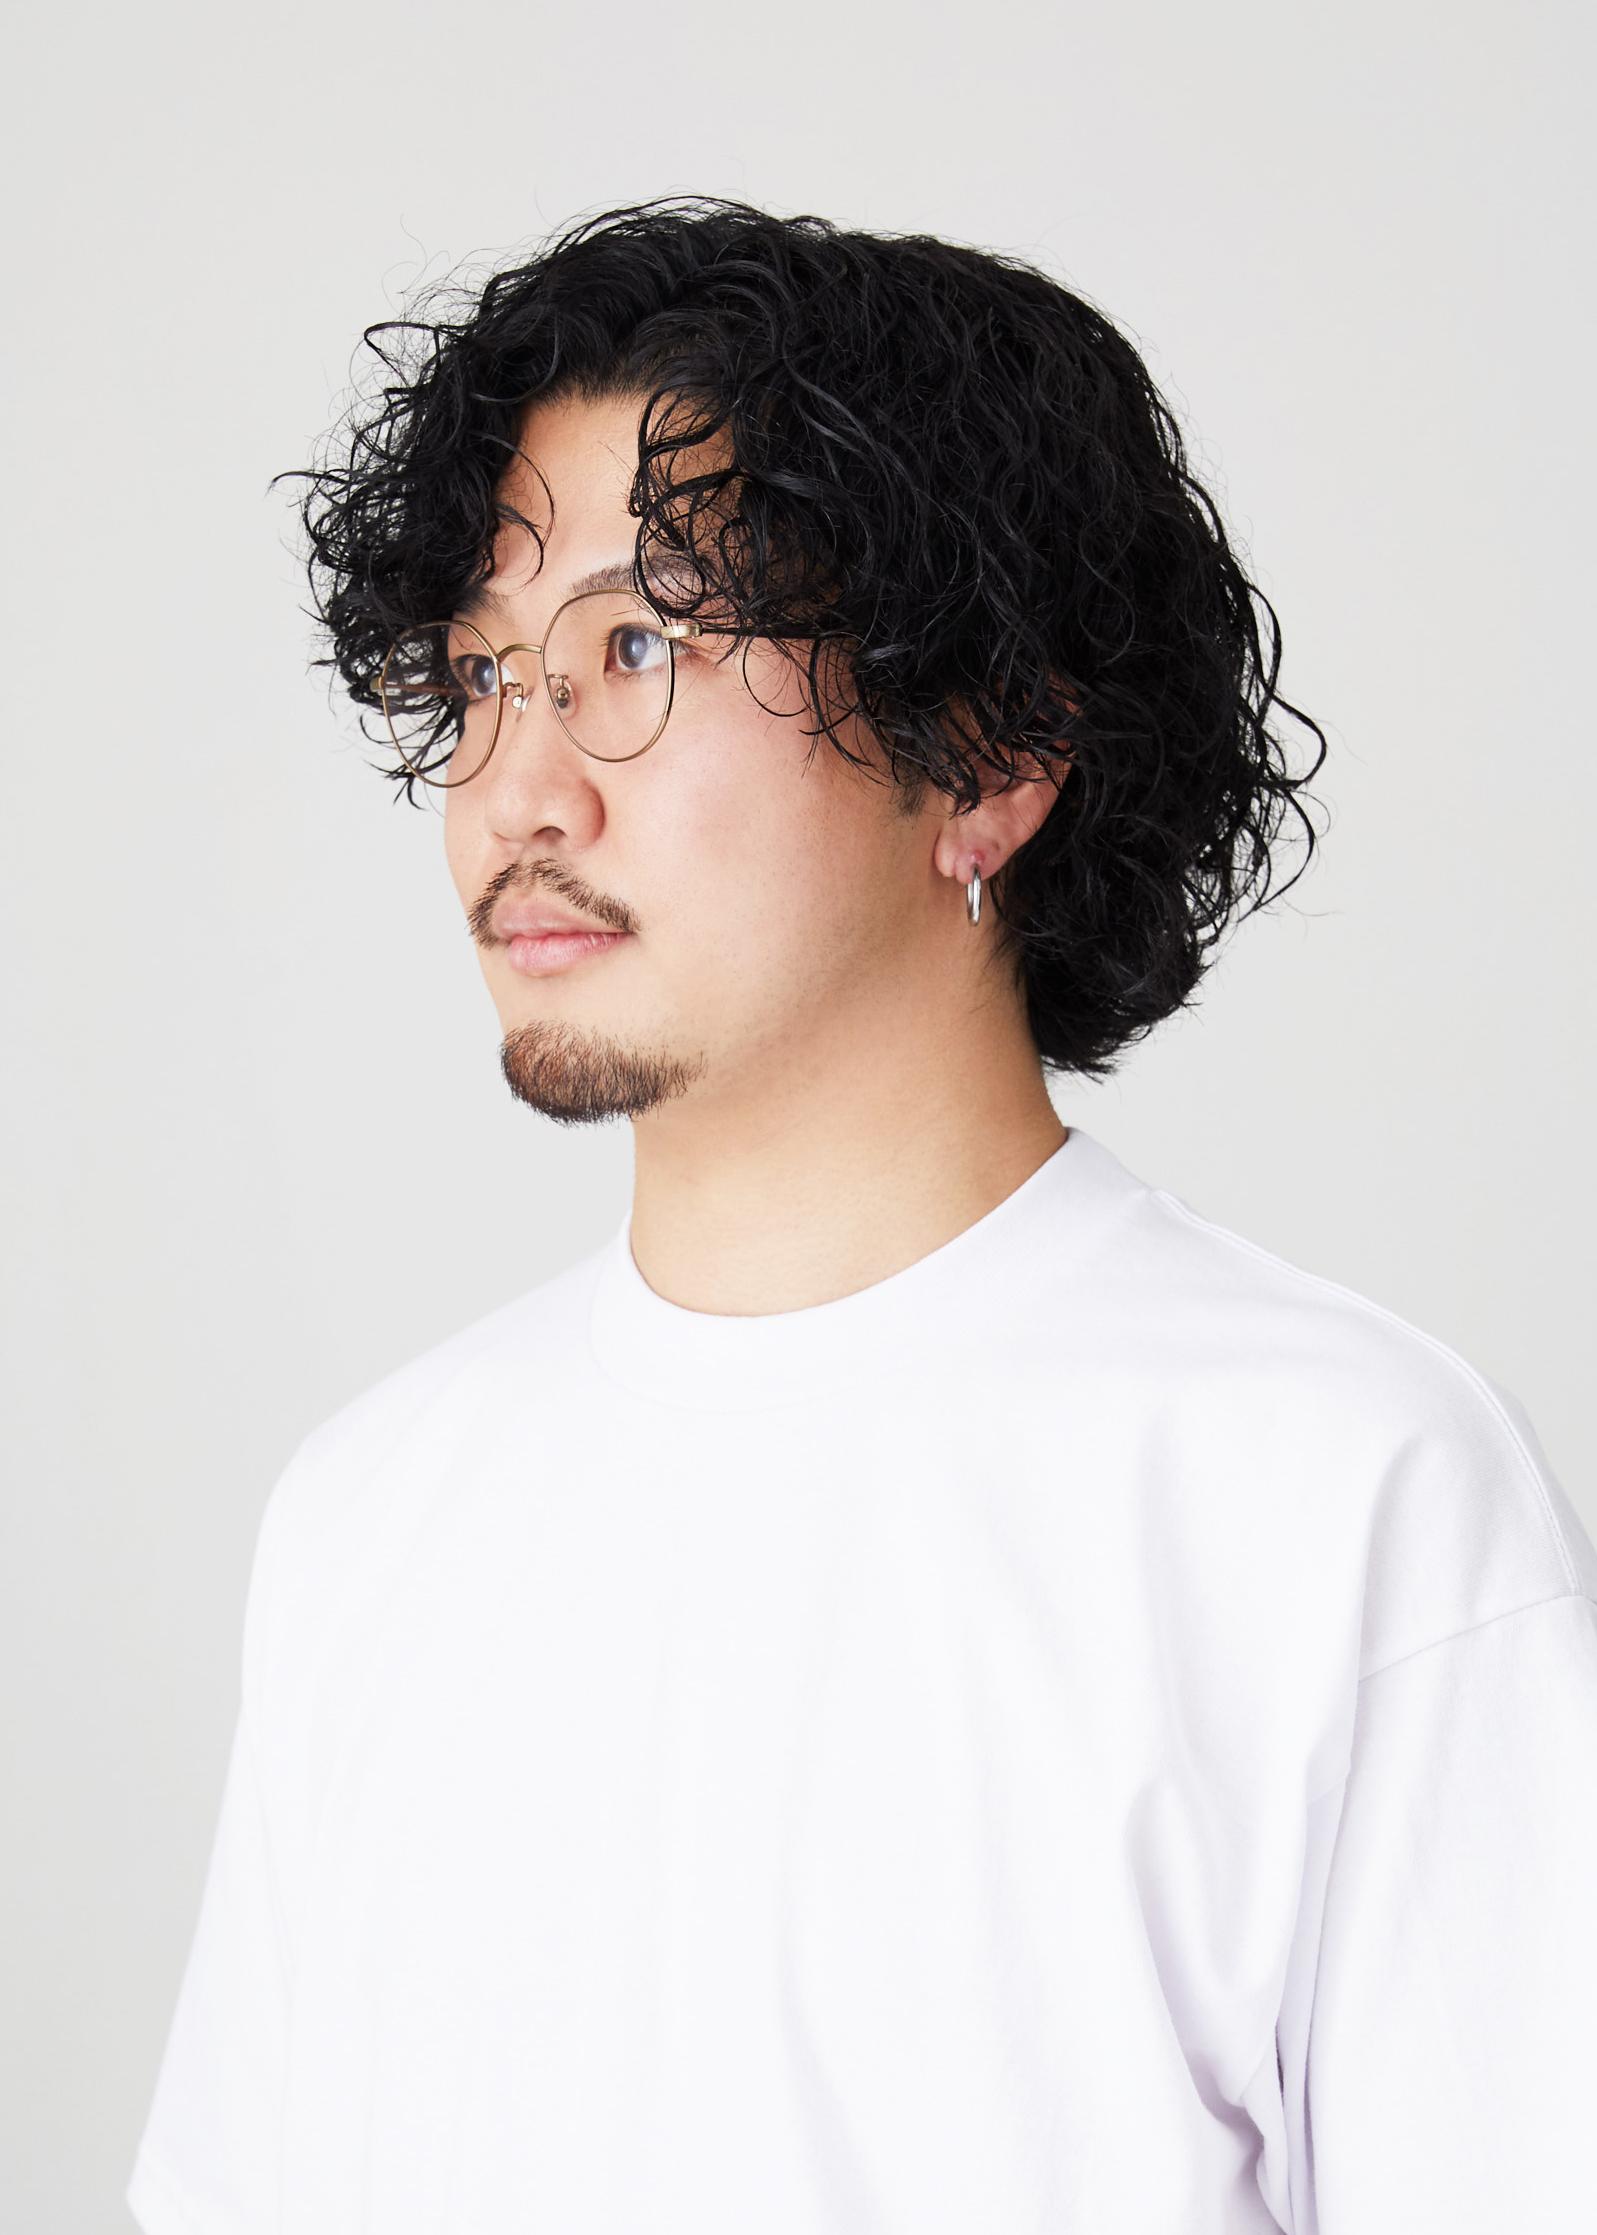 KOUTARO NASHIMOTO